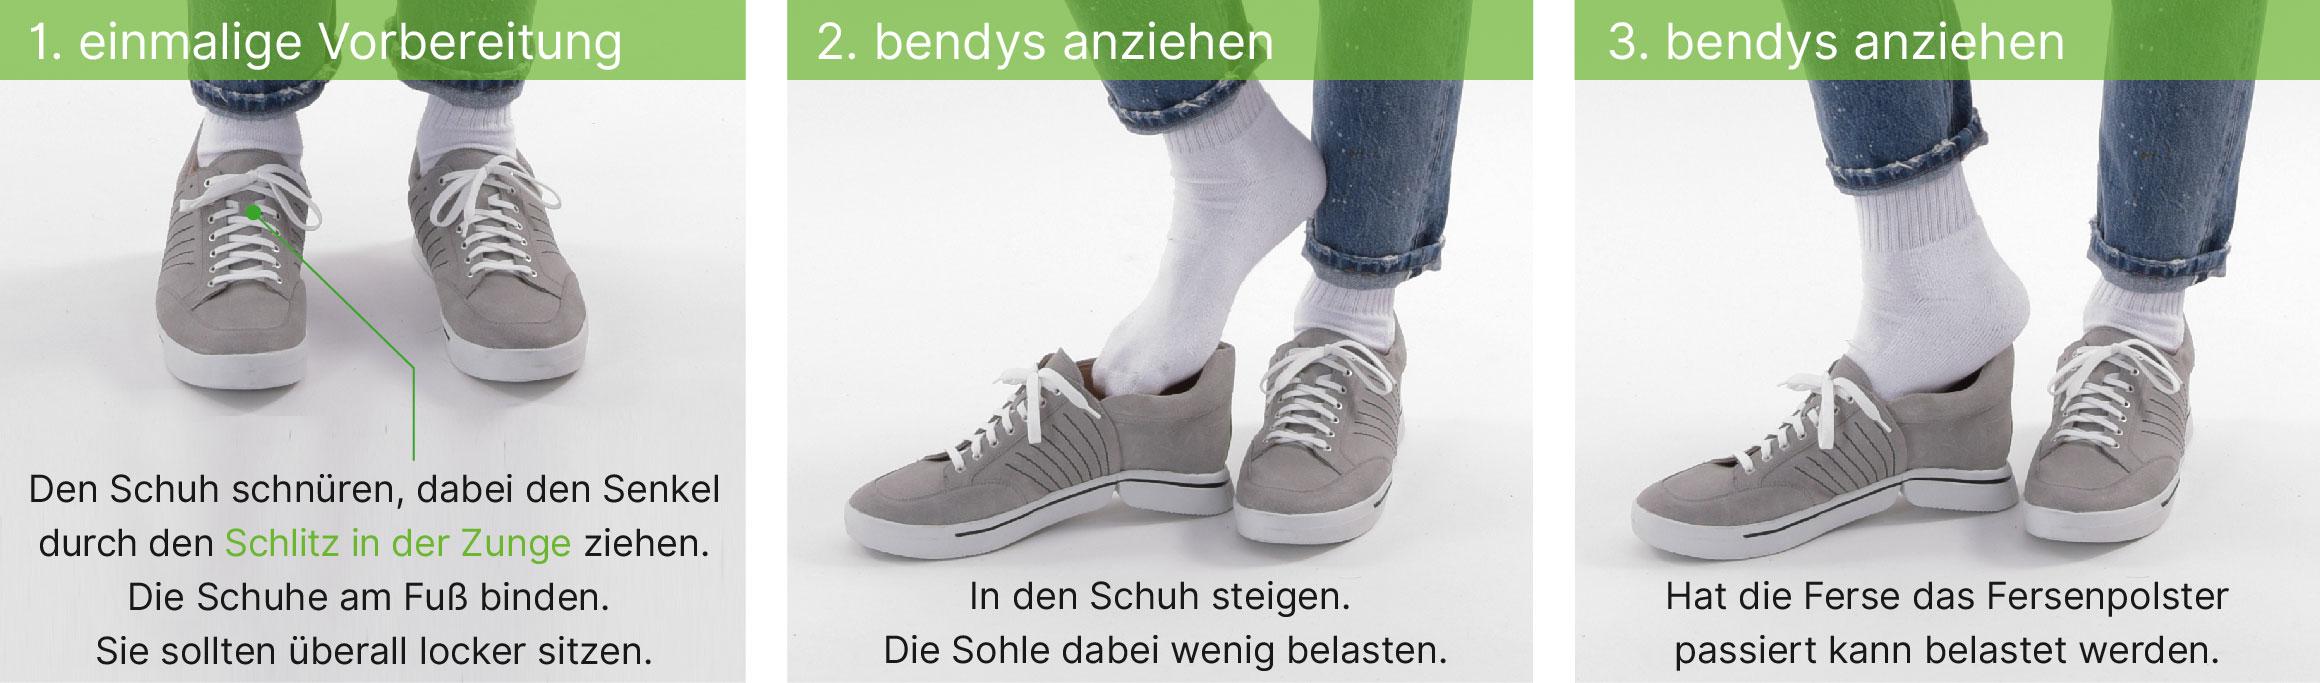 Anleitung-bendys-01